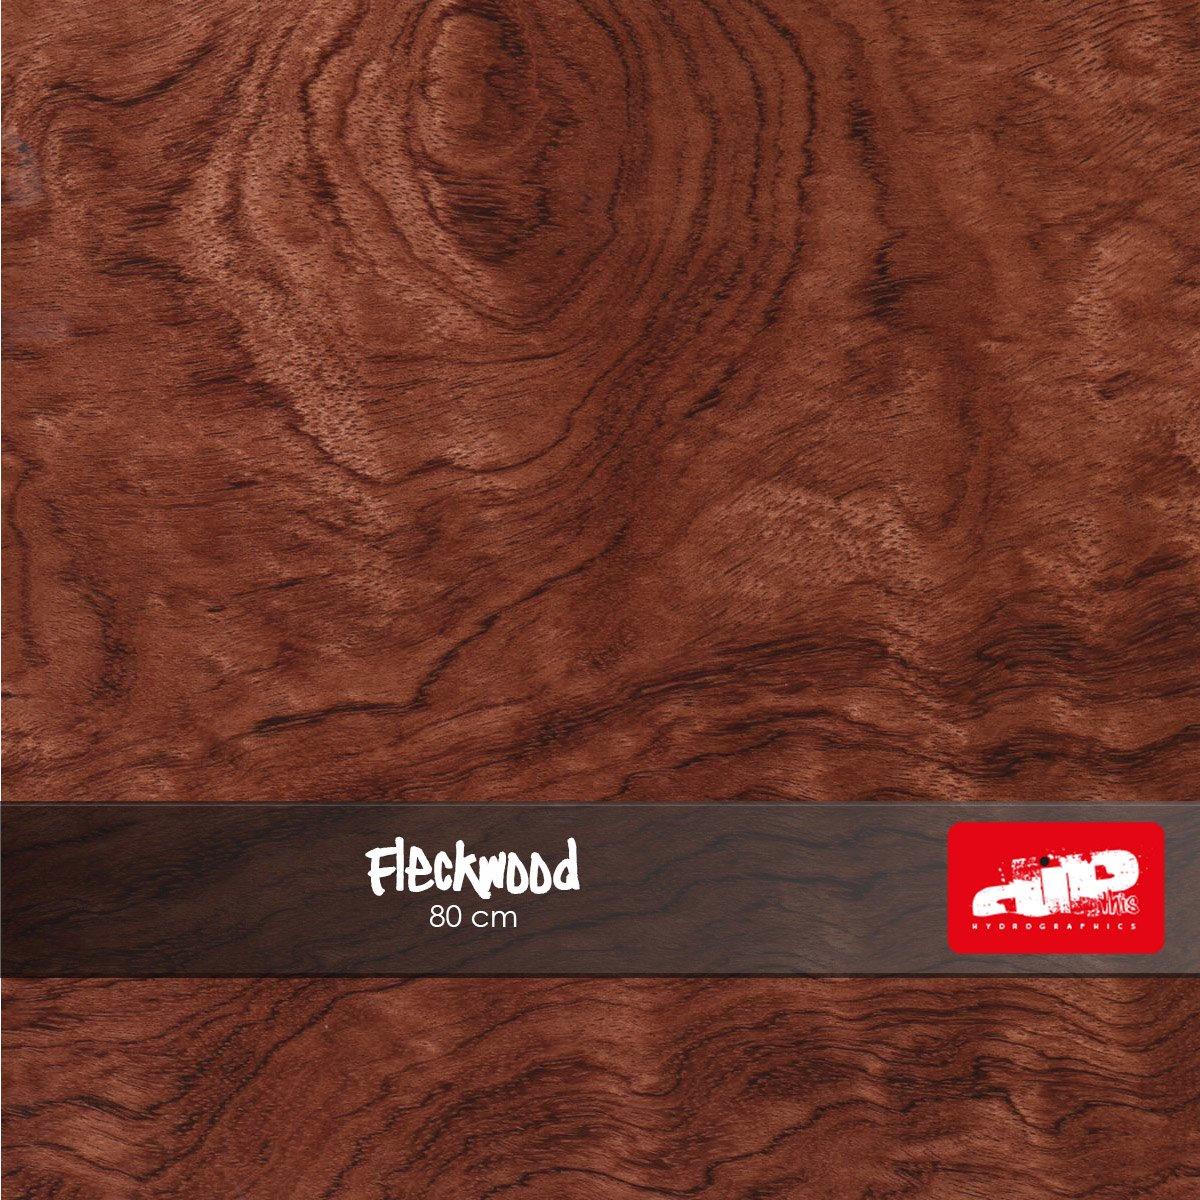 Fleckwood